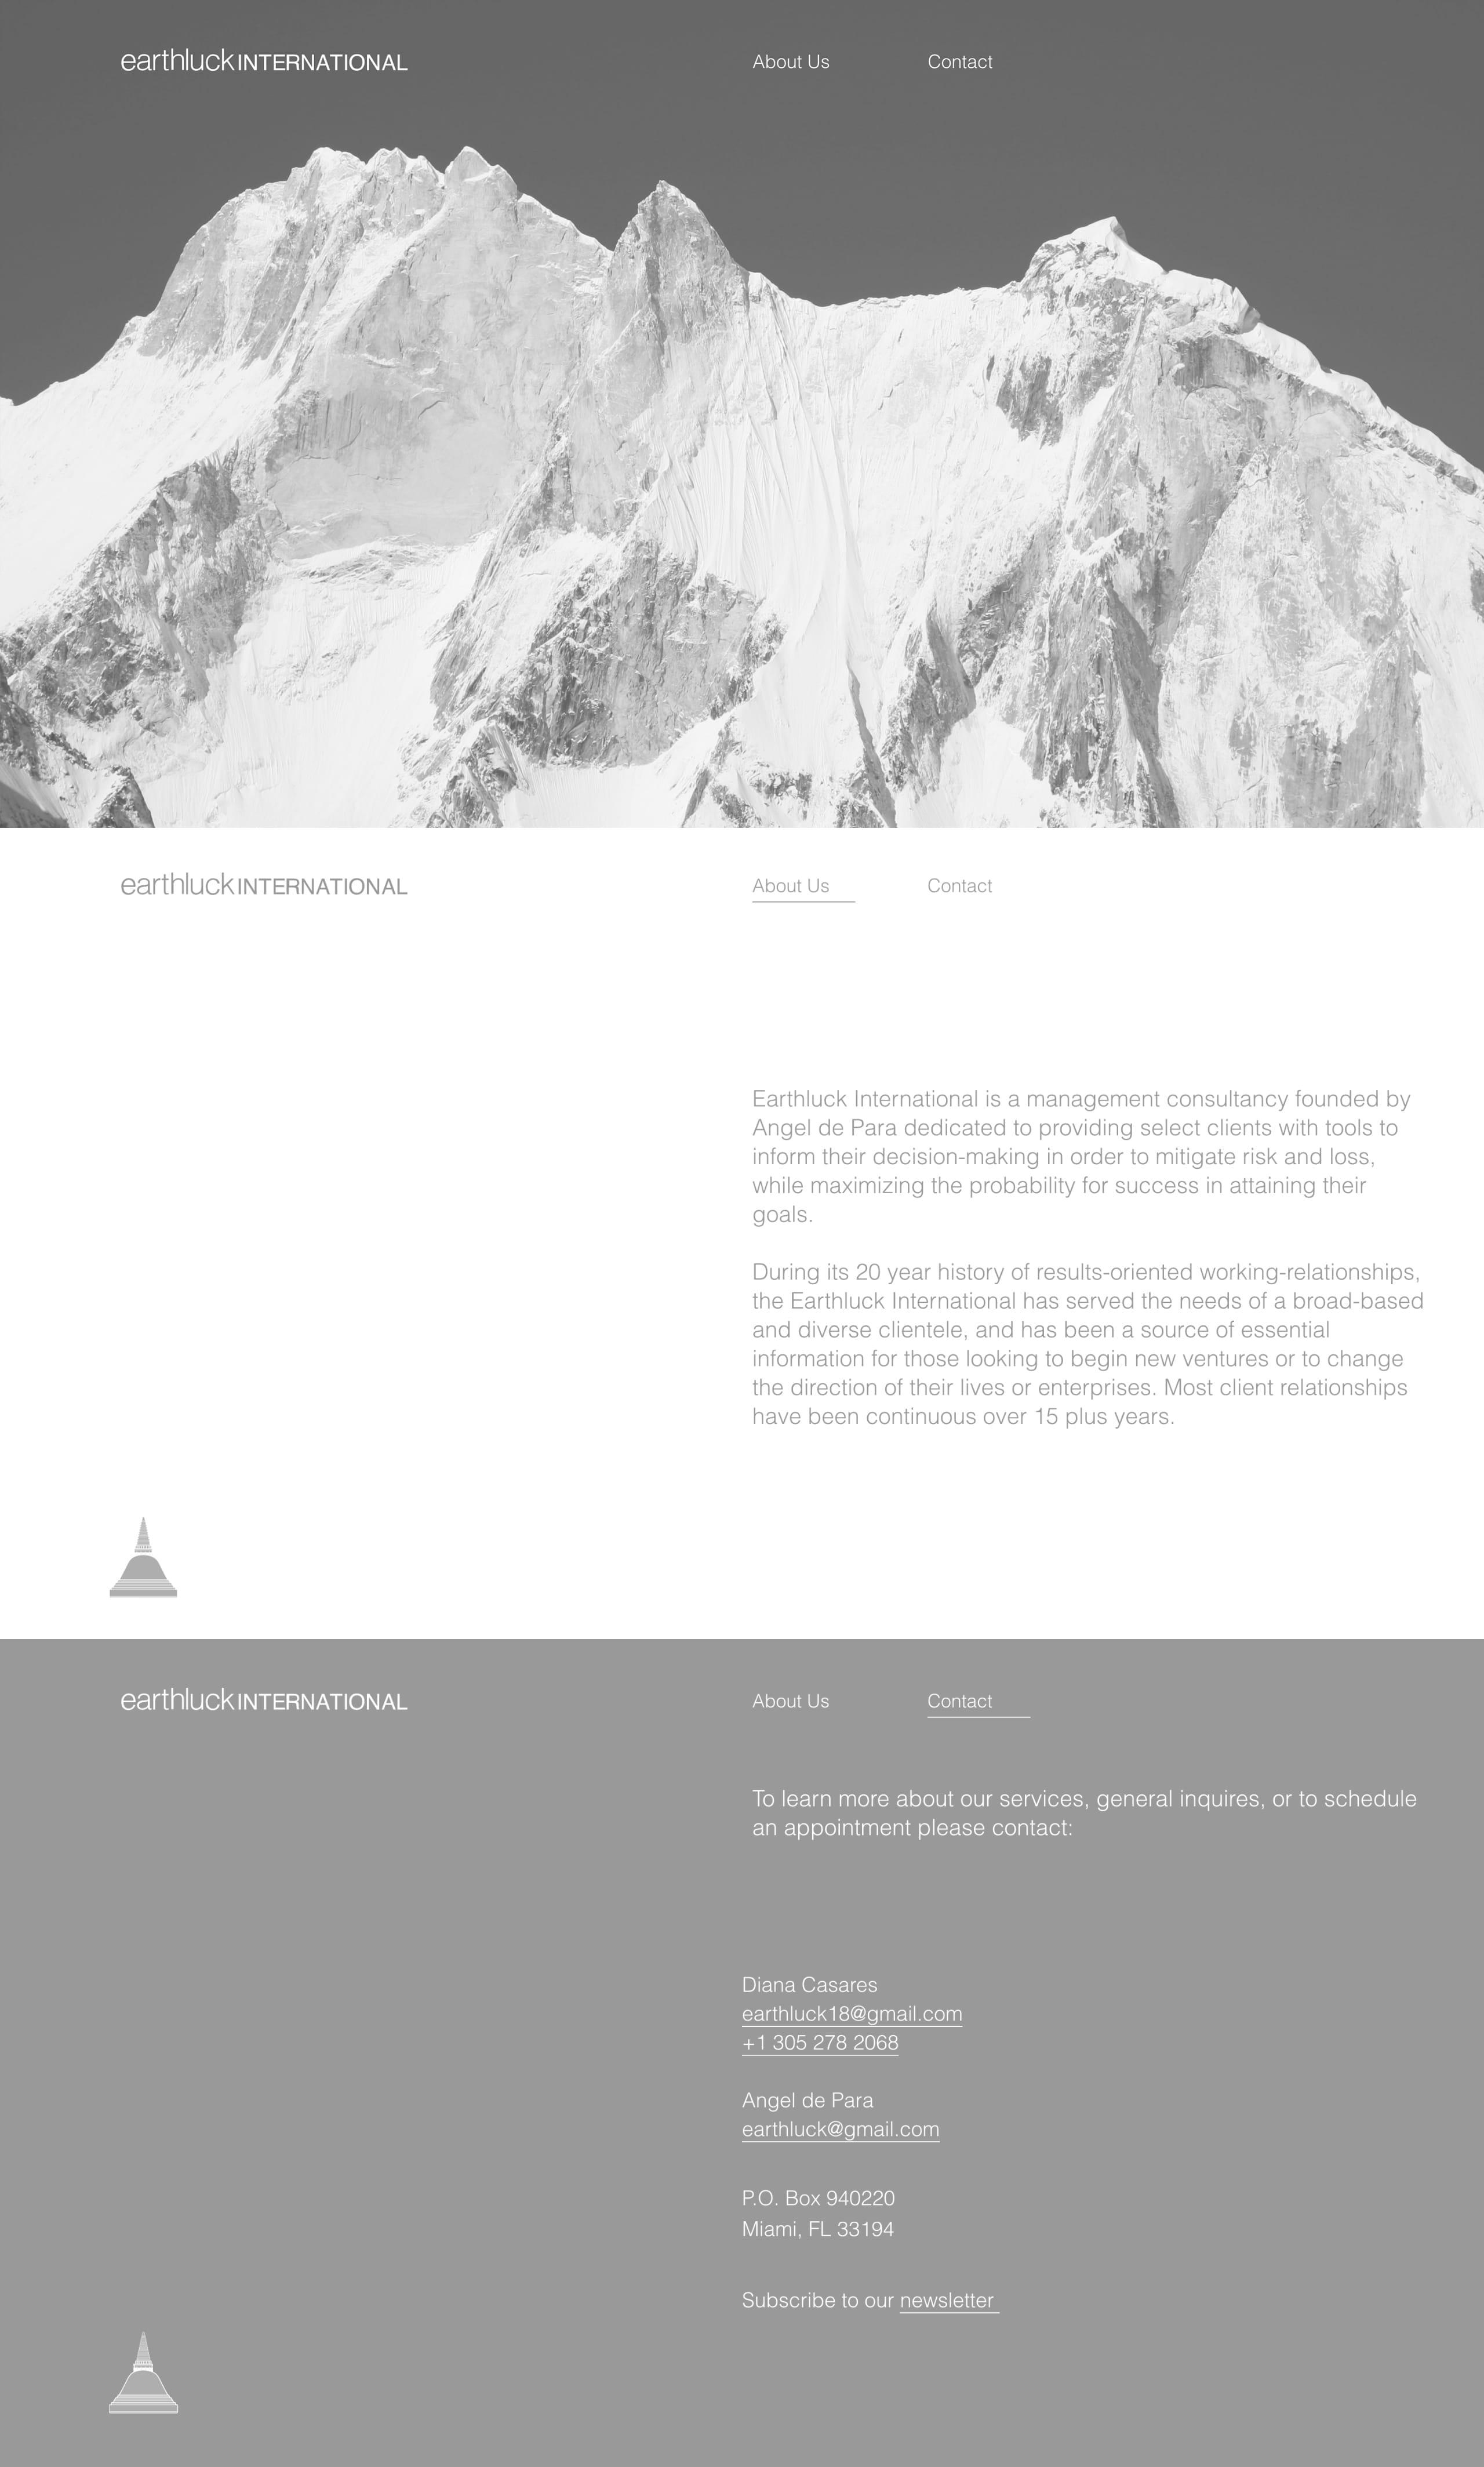 Earthluck International Website Screenshot